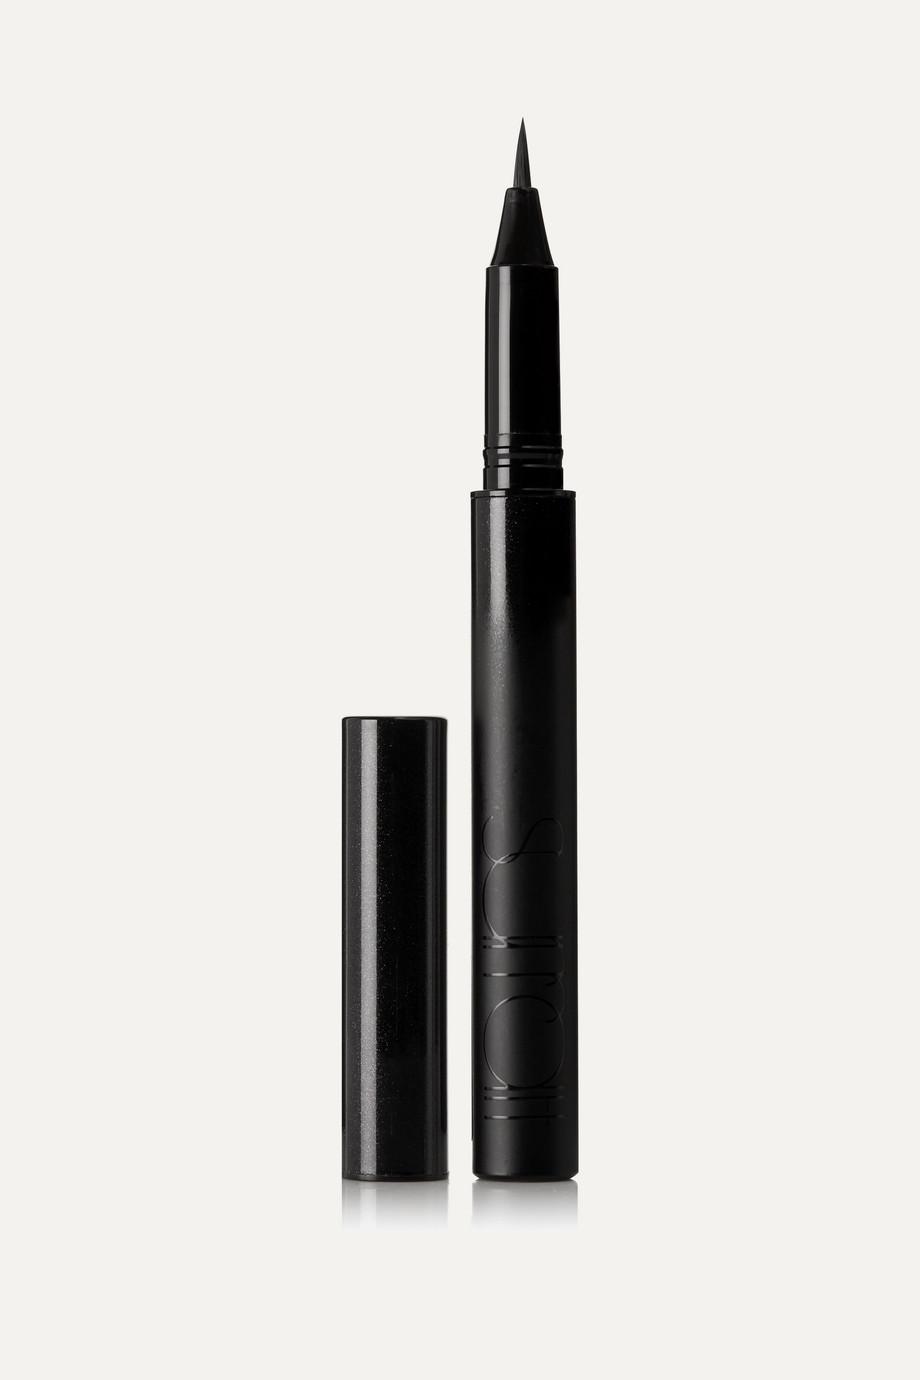 Surratt Beauty Auto-Graphique Eyeliner - 2 Brun Riche